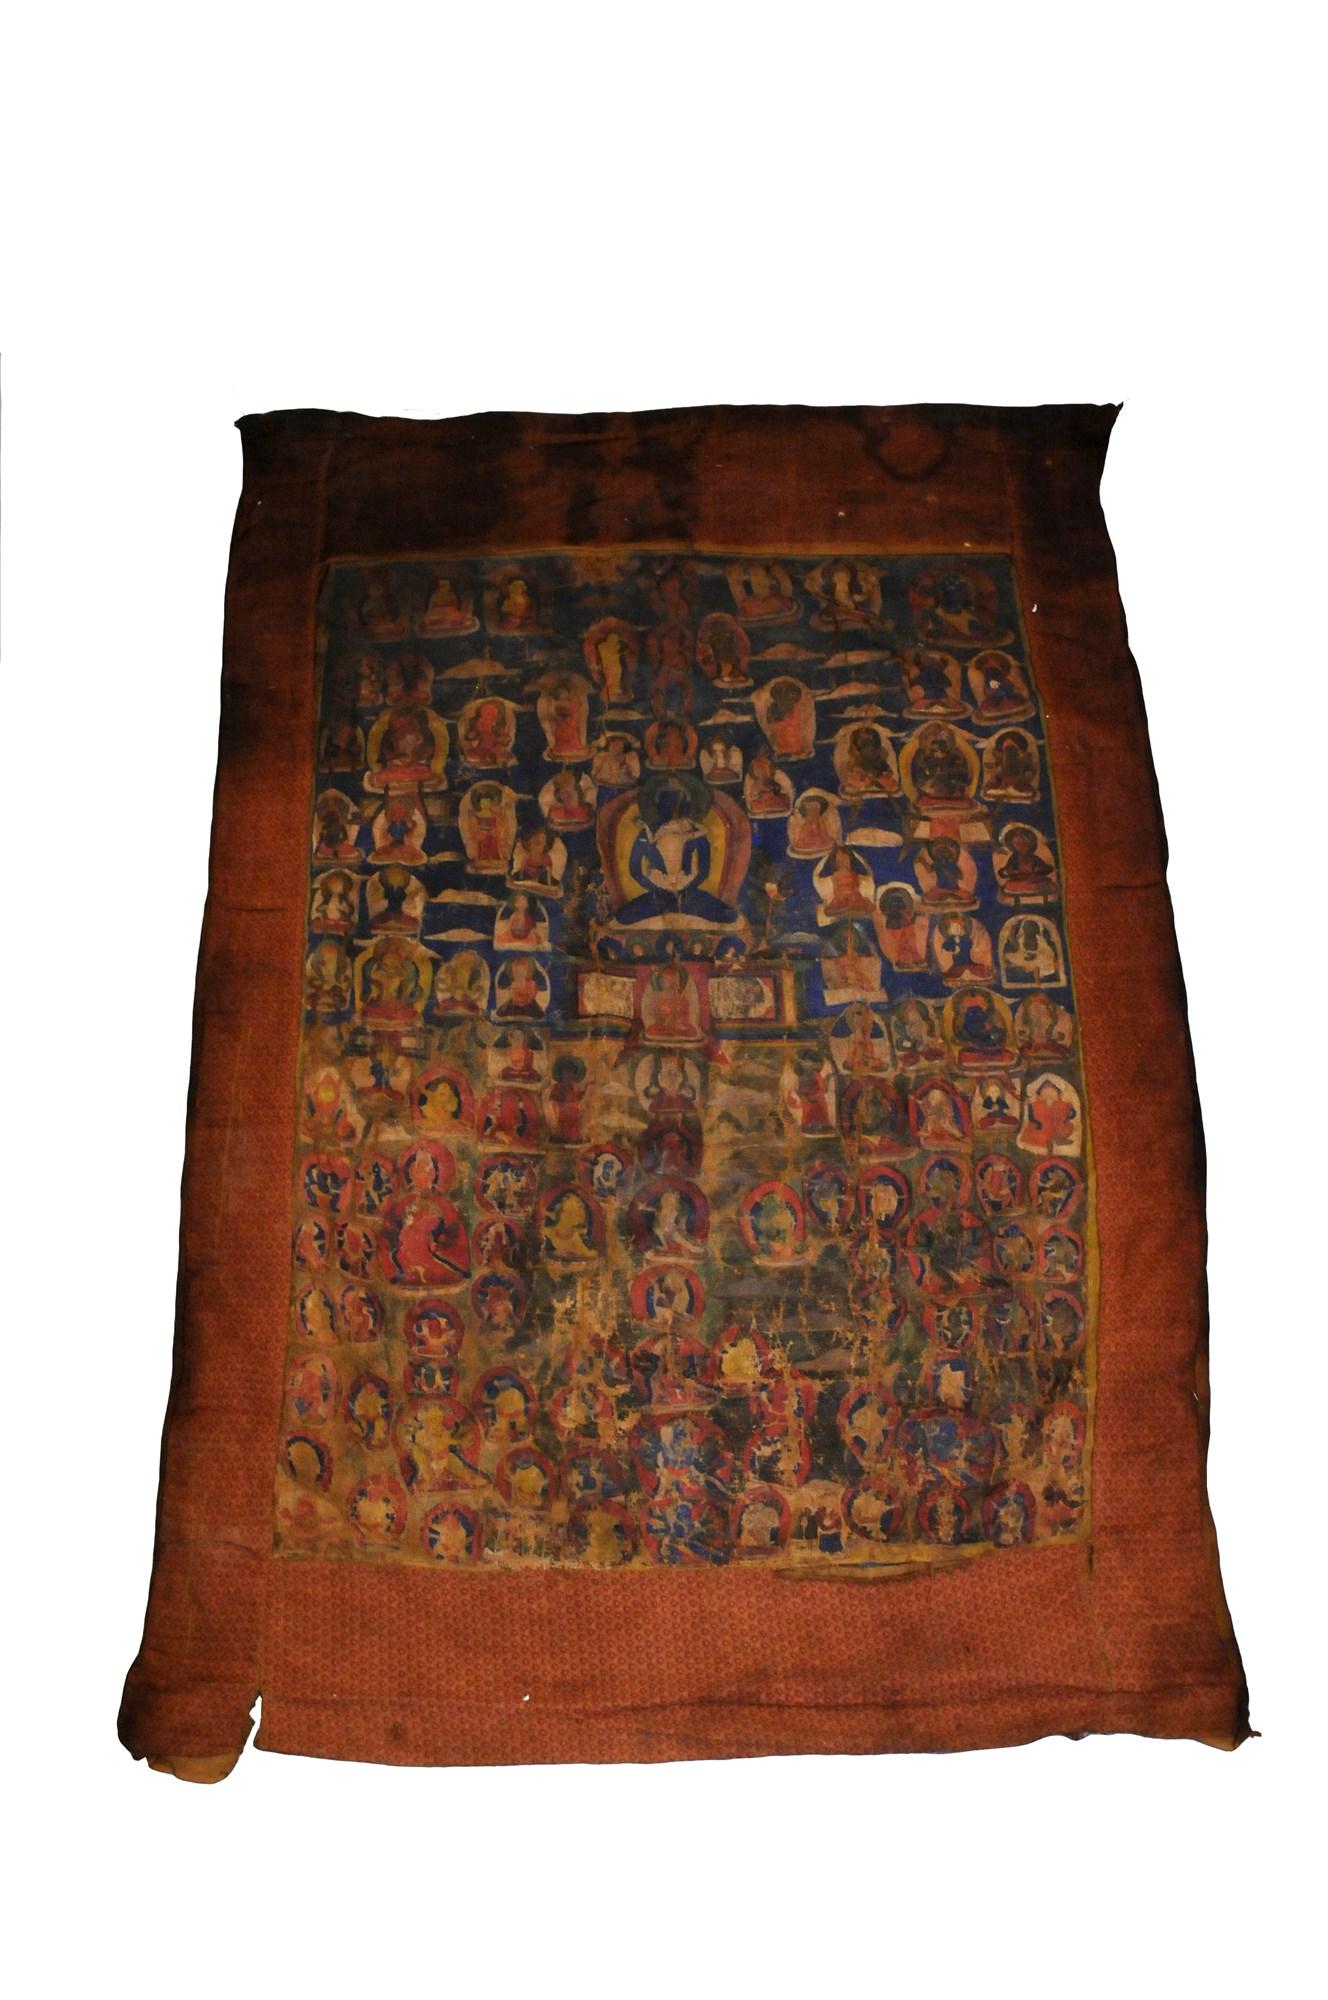 Lot 318 - A thangka of Samantabhadra and Samantabhadri, Tibet